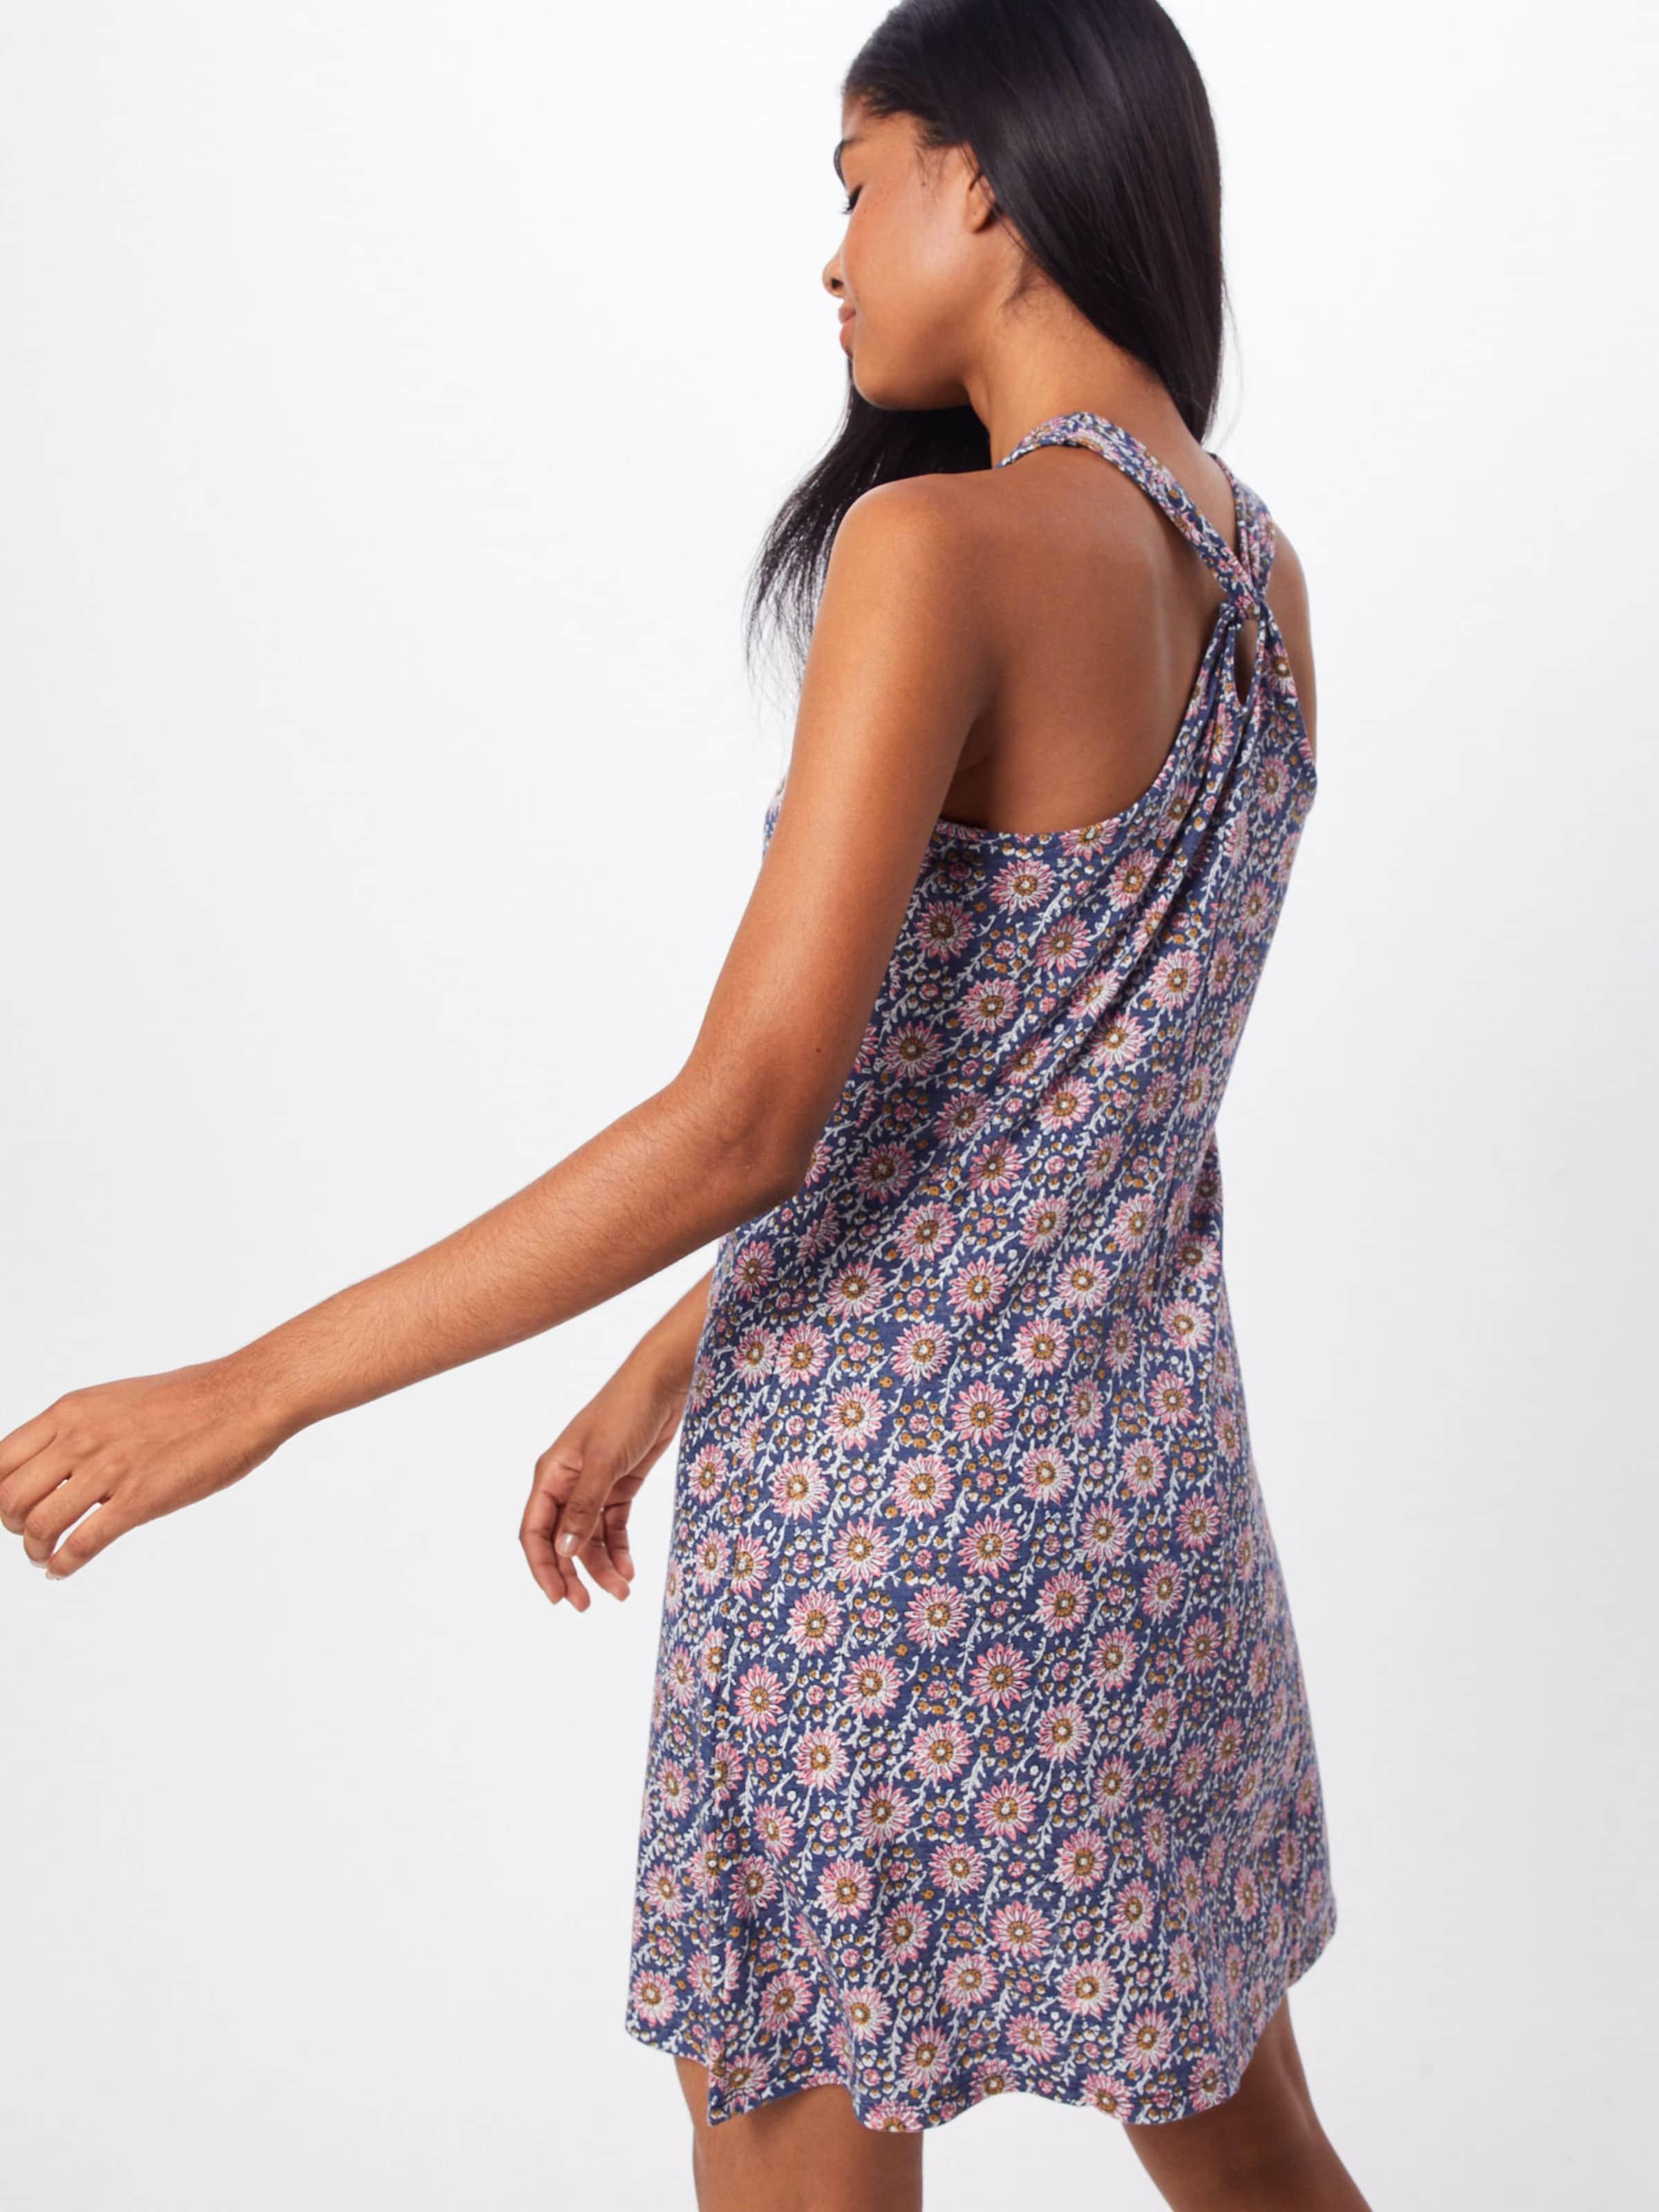 Robe D'été Couleurs Gap BleuMélange De Dresses' 'womens En j4RAL35